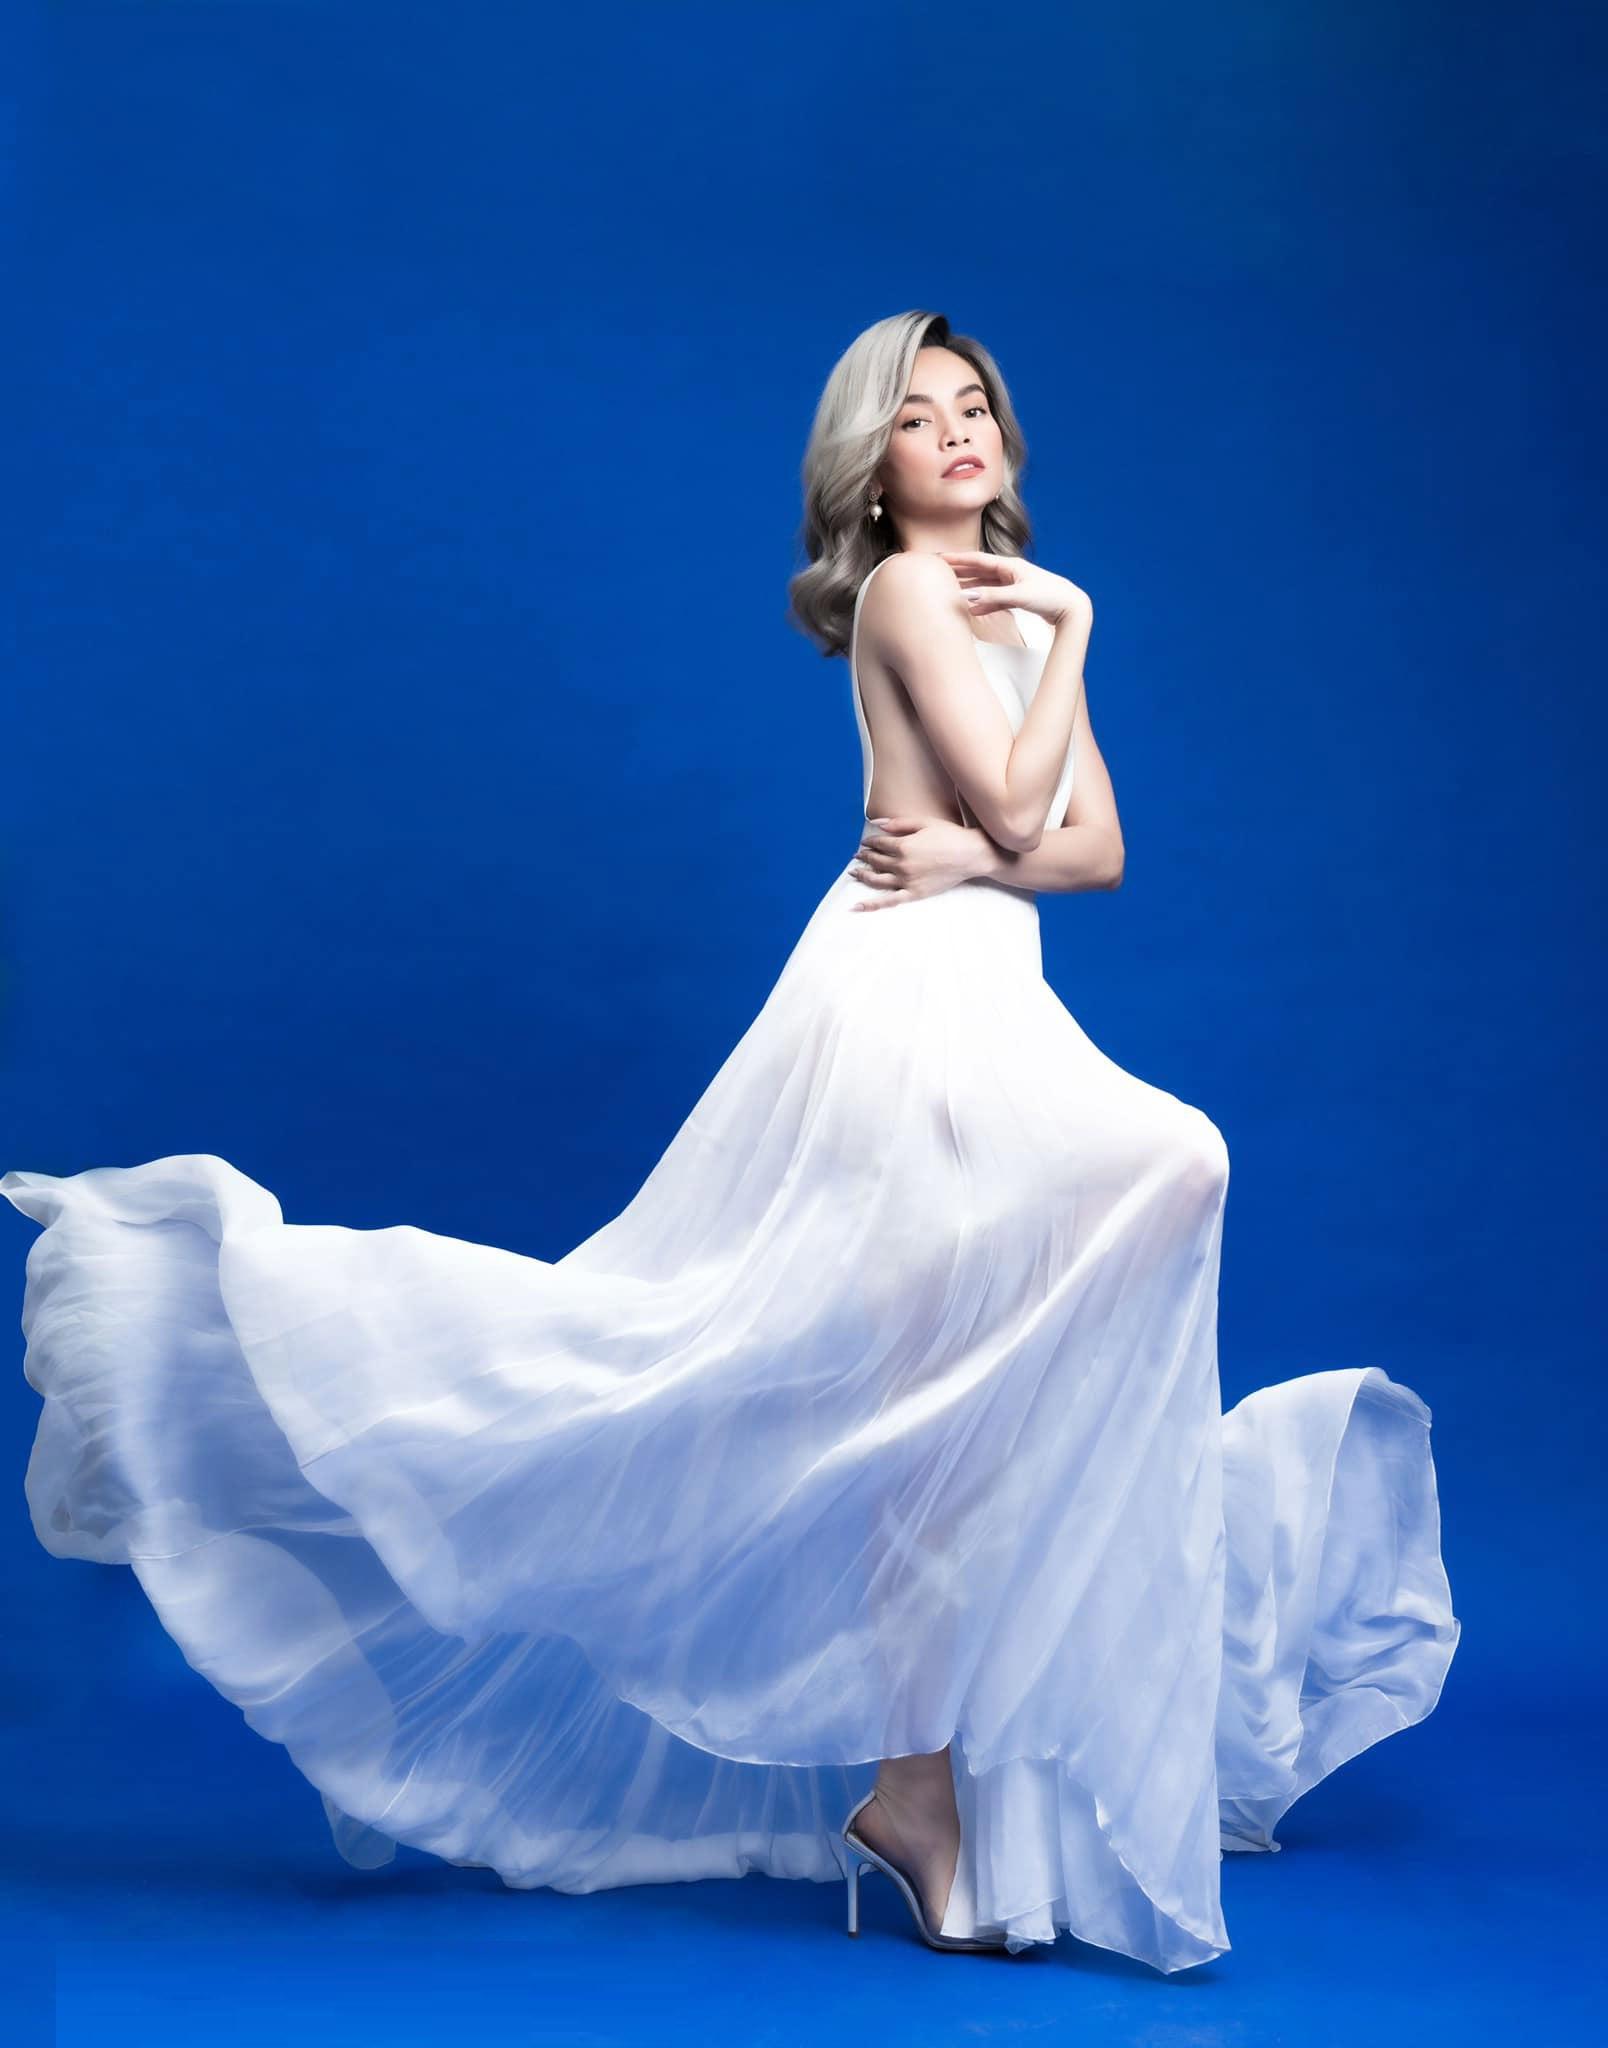 Hồ Ngọc Hà đổi màu tóc tẩy trắng chất lừ, nào ngờ bị fan amp;#34;dập tơi tảamp;#34; - 4